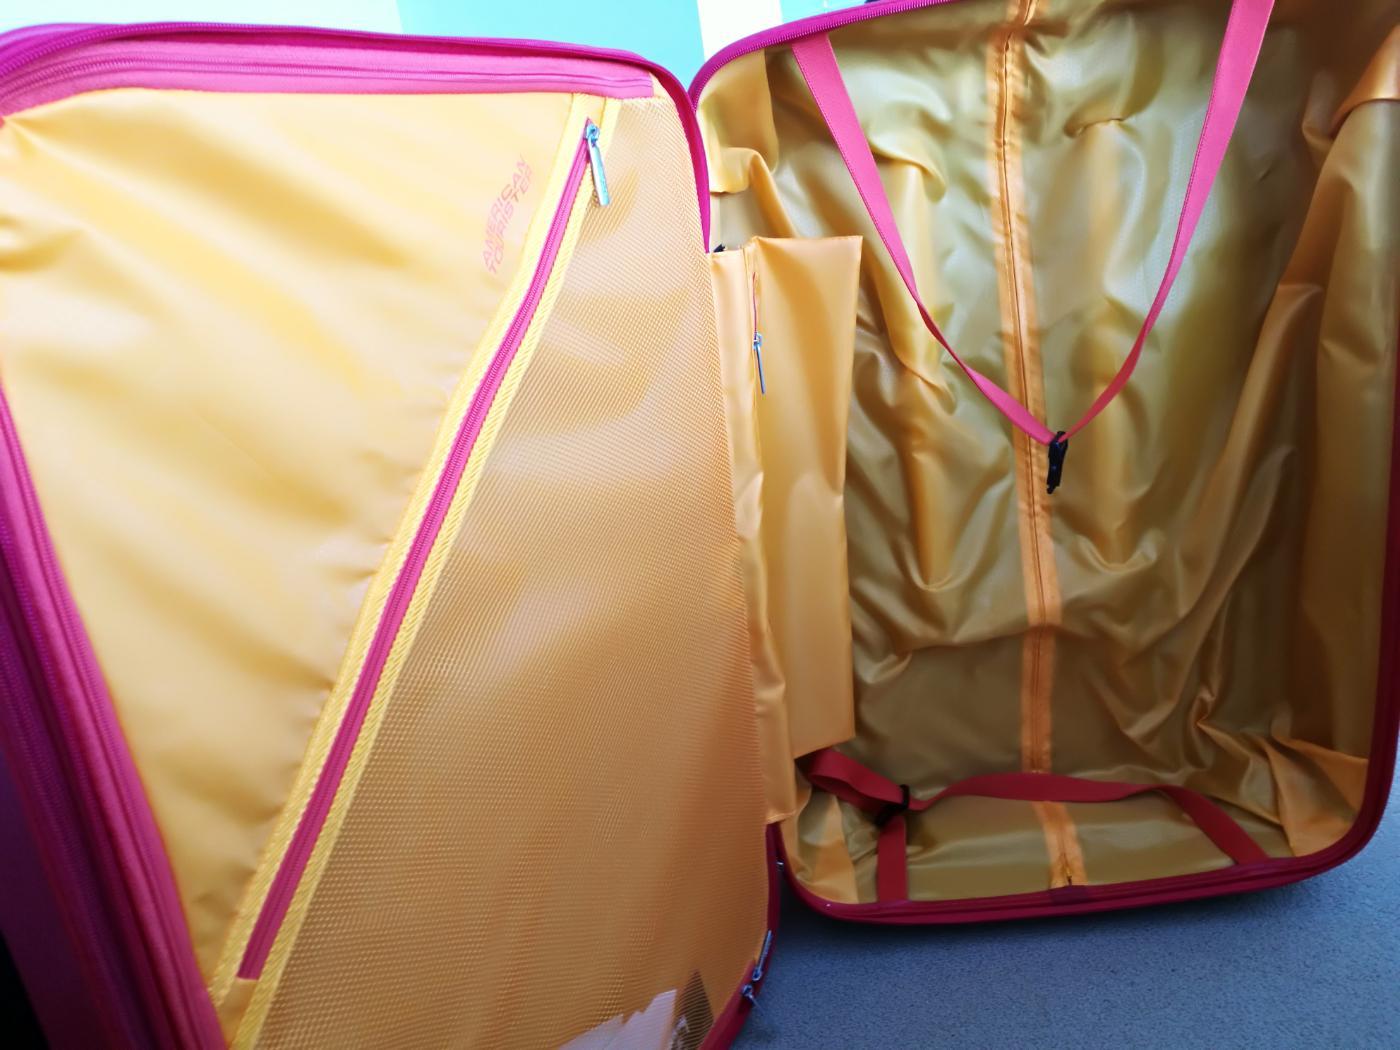 サムソナイト・アメリカン・ツーリスターのスーツケース「エアフォースワン」フレームレッド96.5L76cm中を開けた時の写真